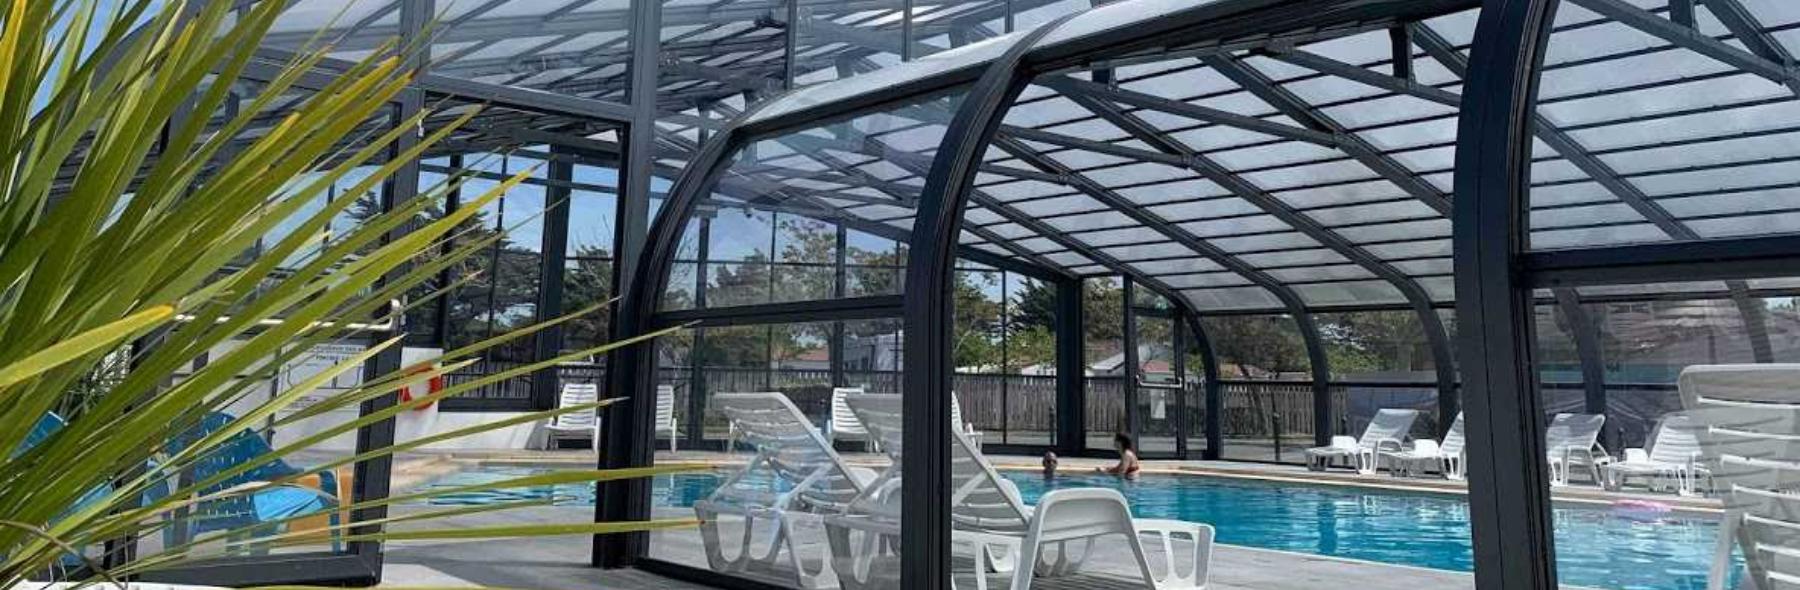 Camping Club Mahana : vue extérieure de la piscine couverte